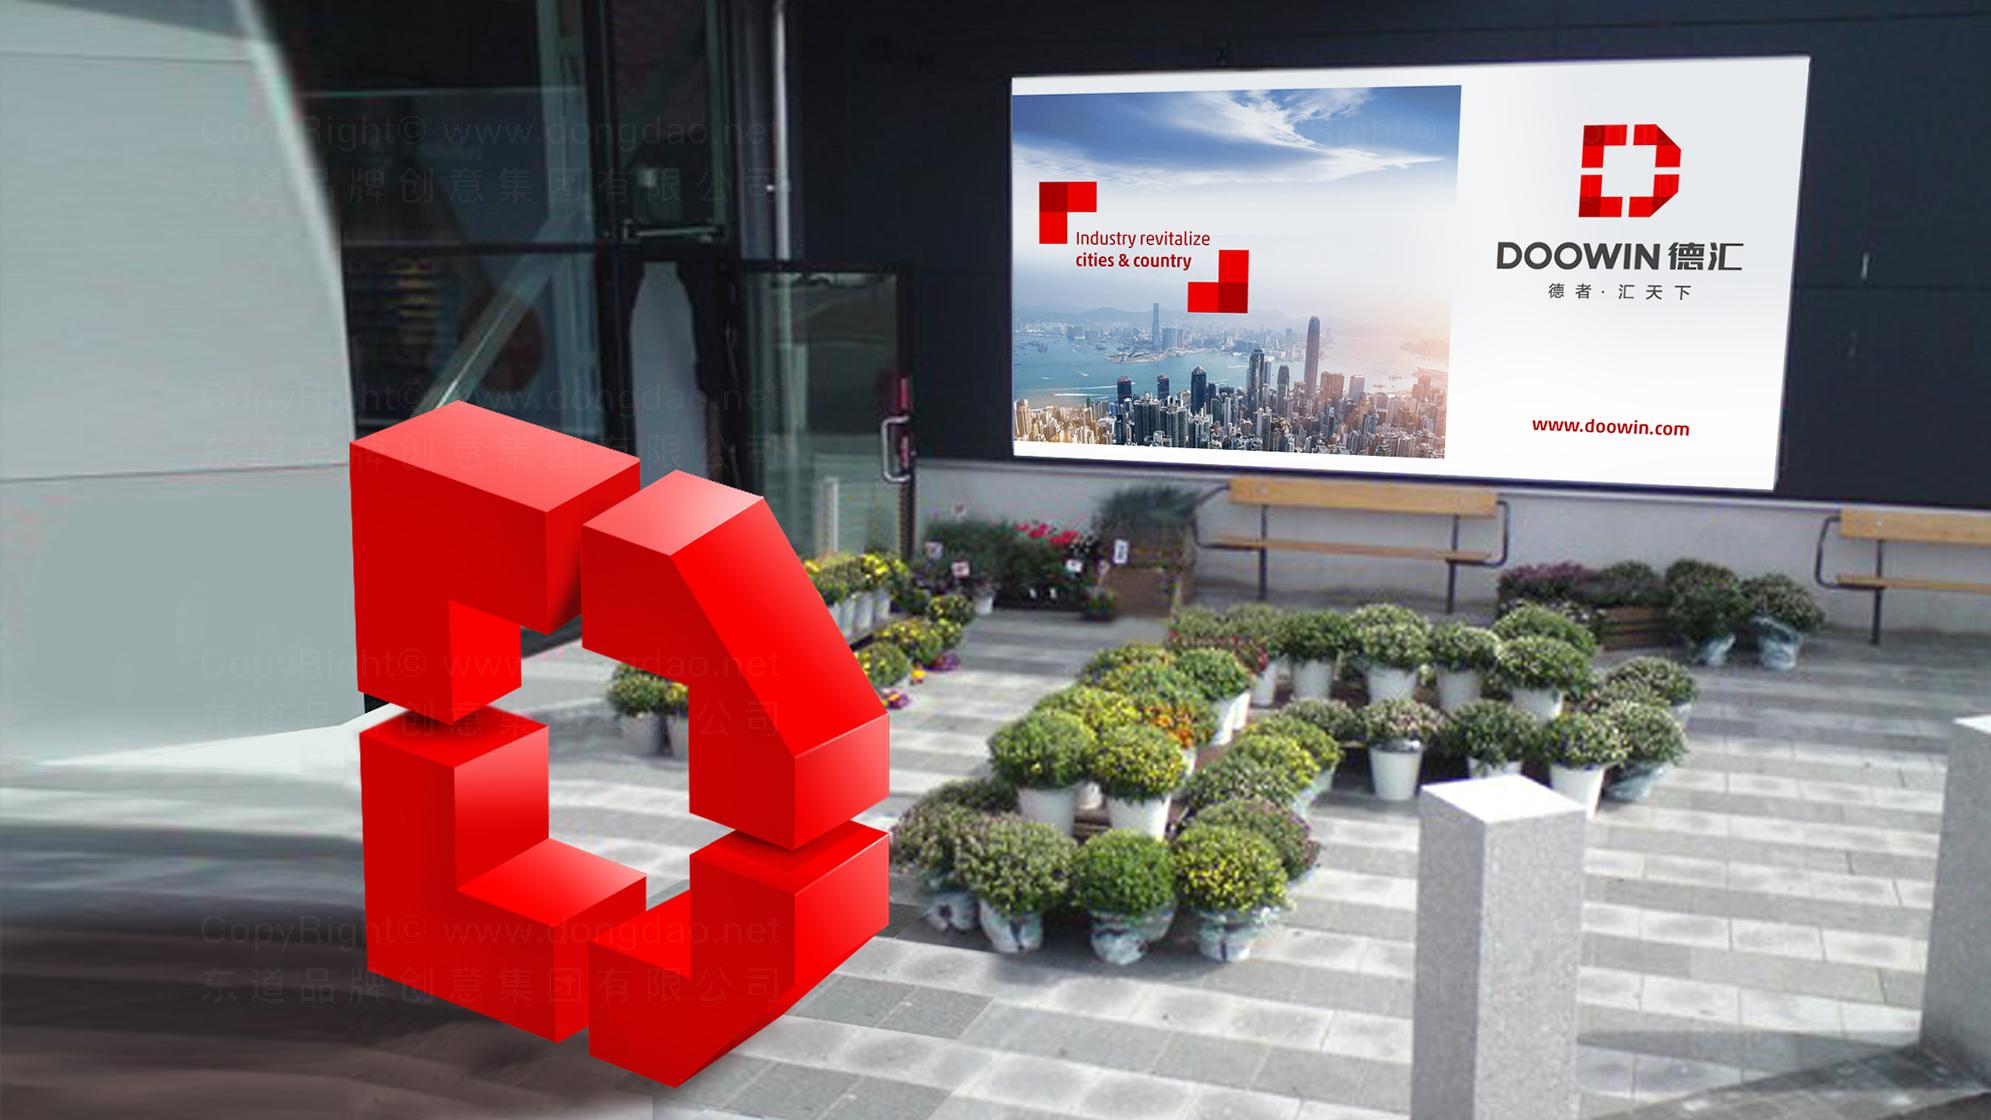 品牌设计德汇集团标志设计应用场景_2